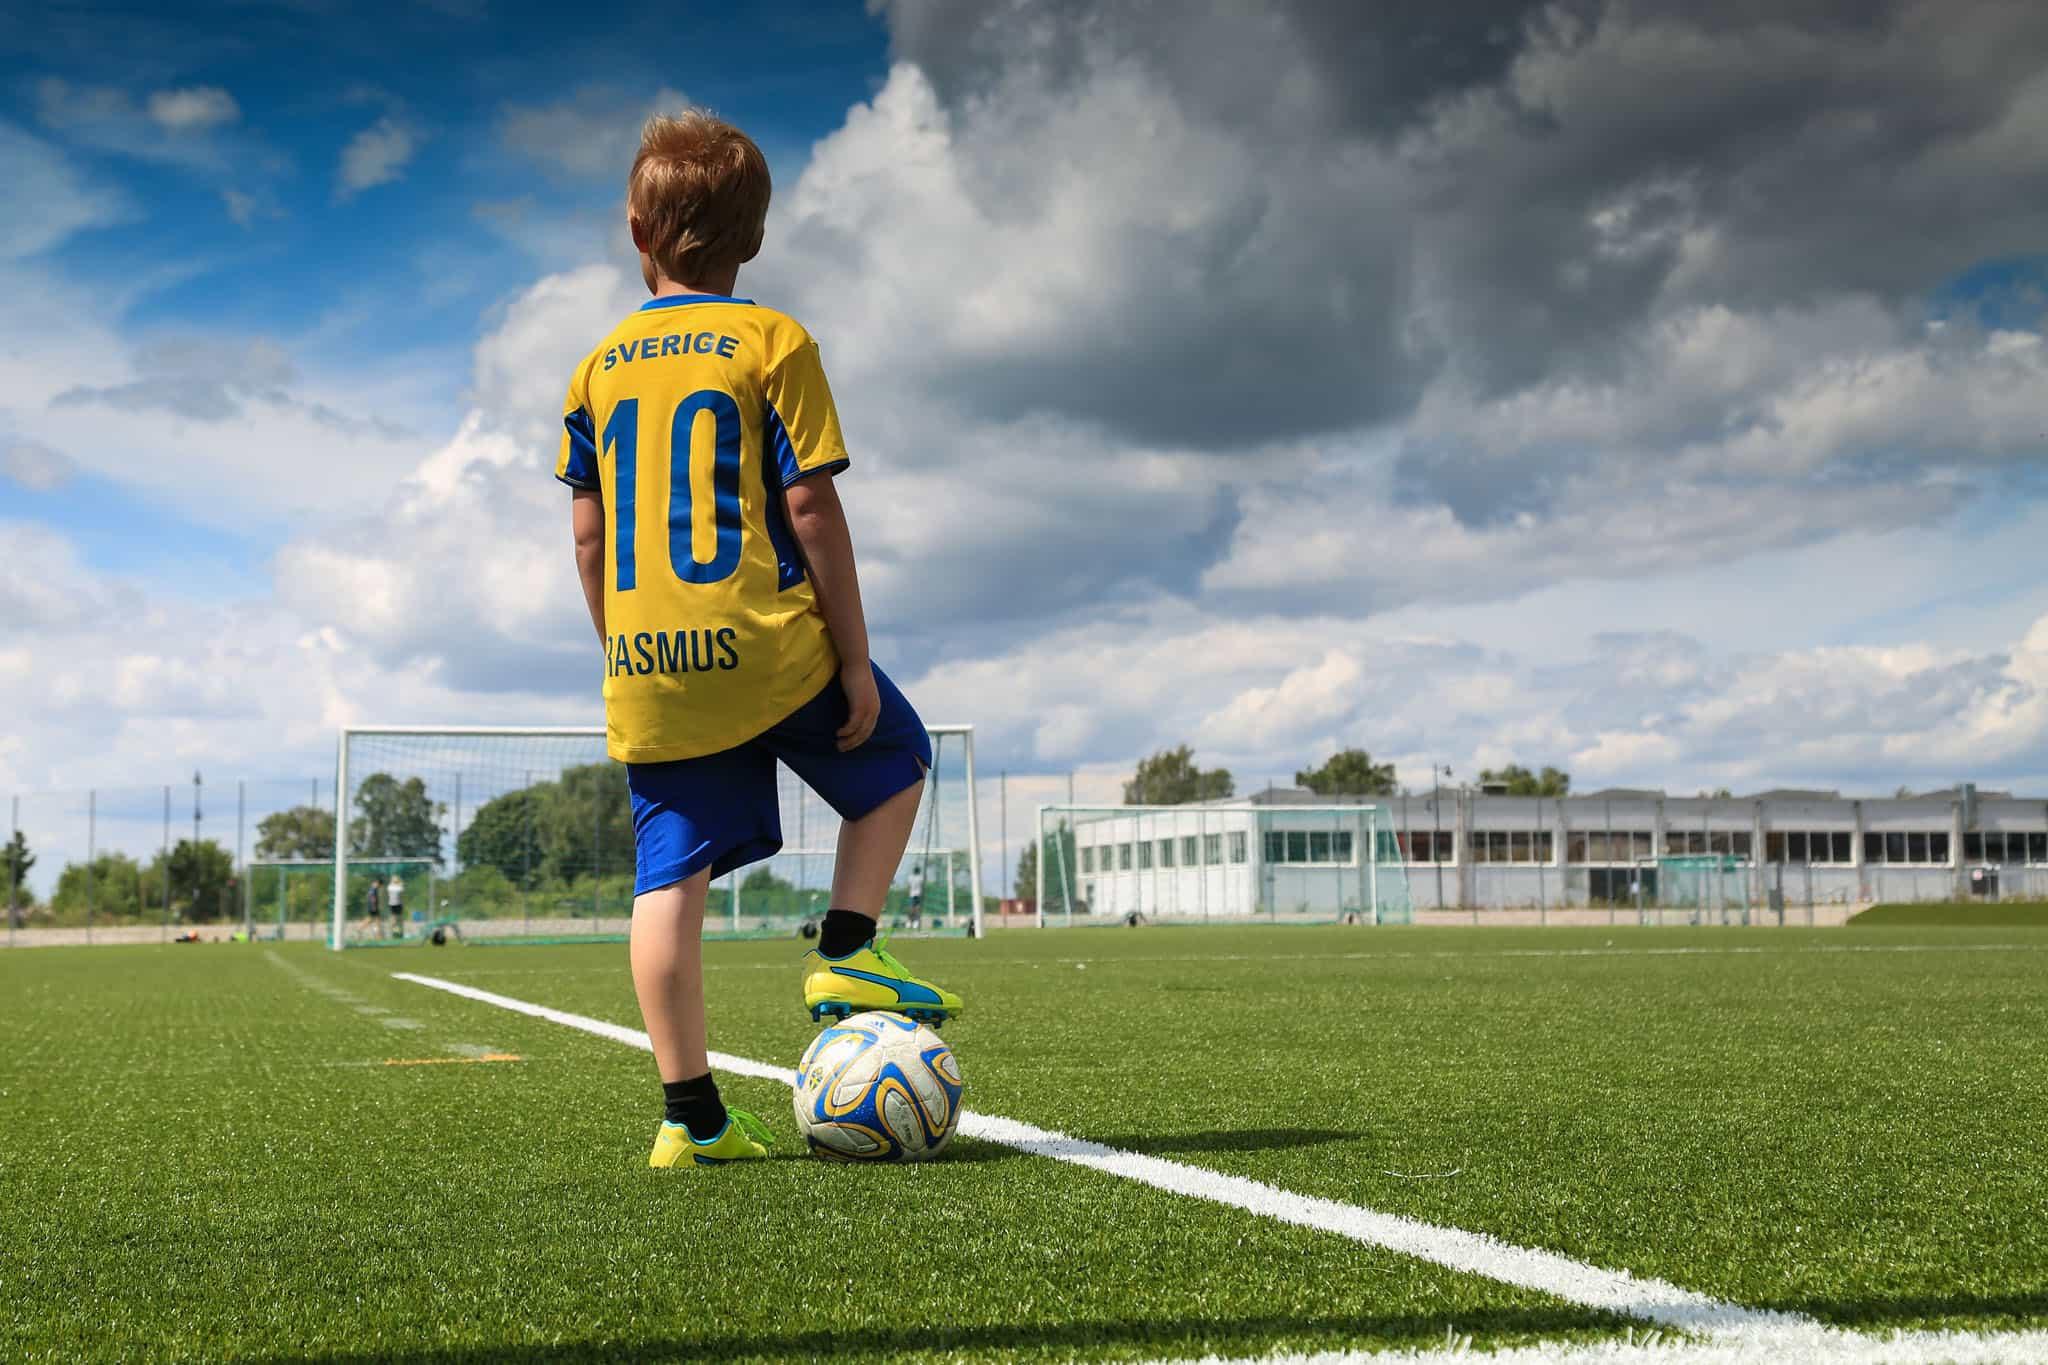 Pojke med fotboll på Multicopy arena, Ivöstrand, Bromölla